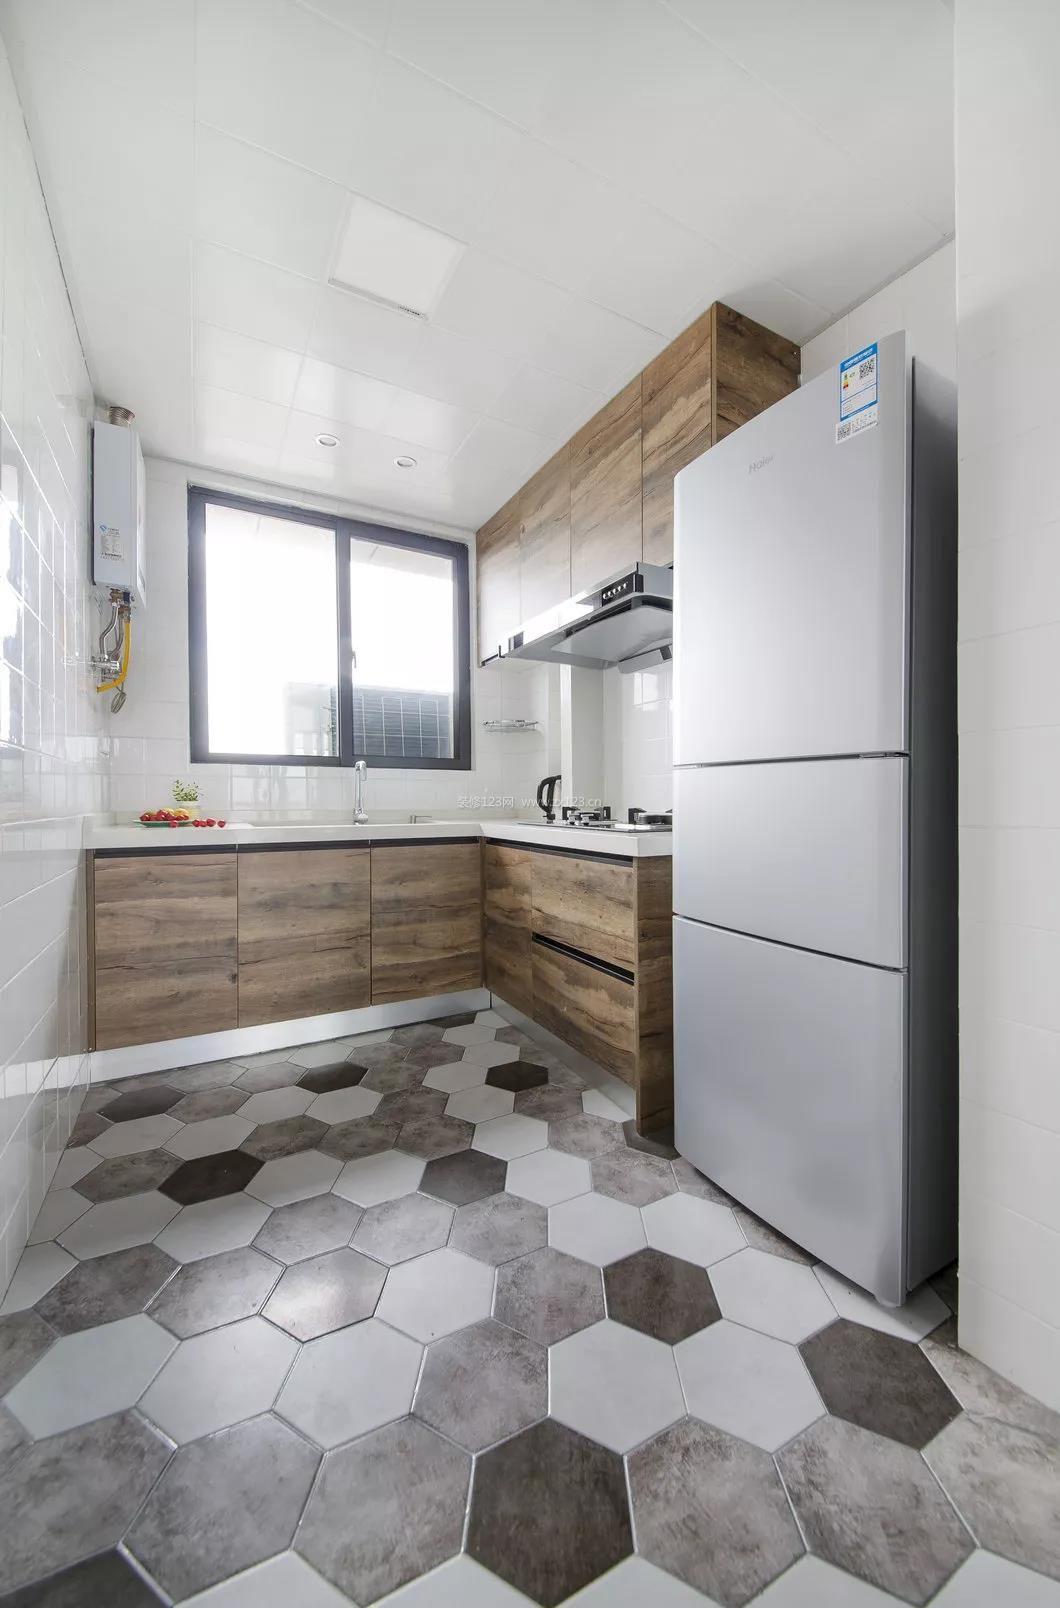 简约北欧风格厨房地砖颜色装修效果图片图片